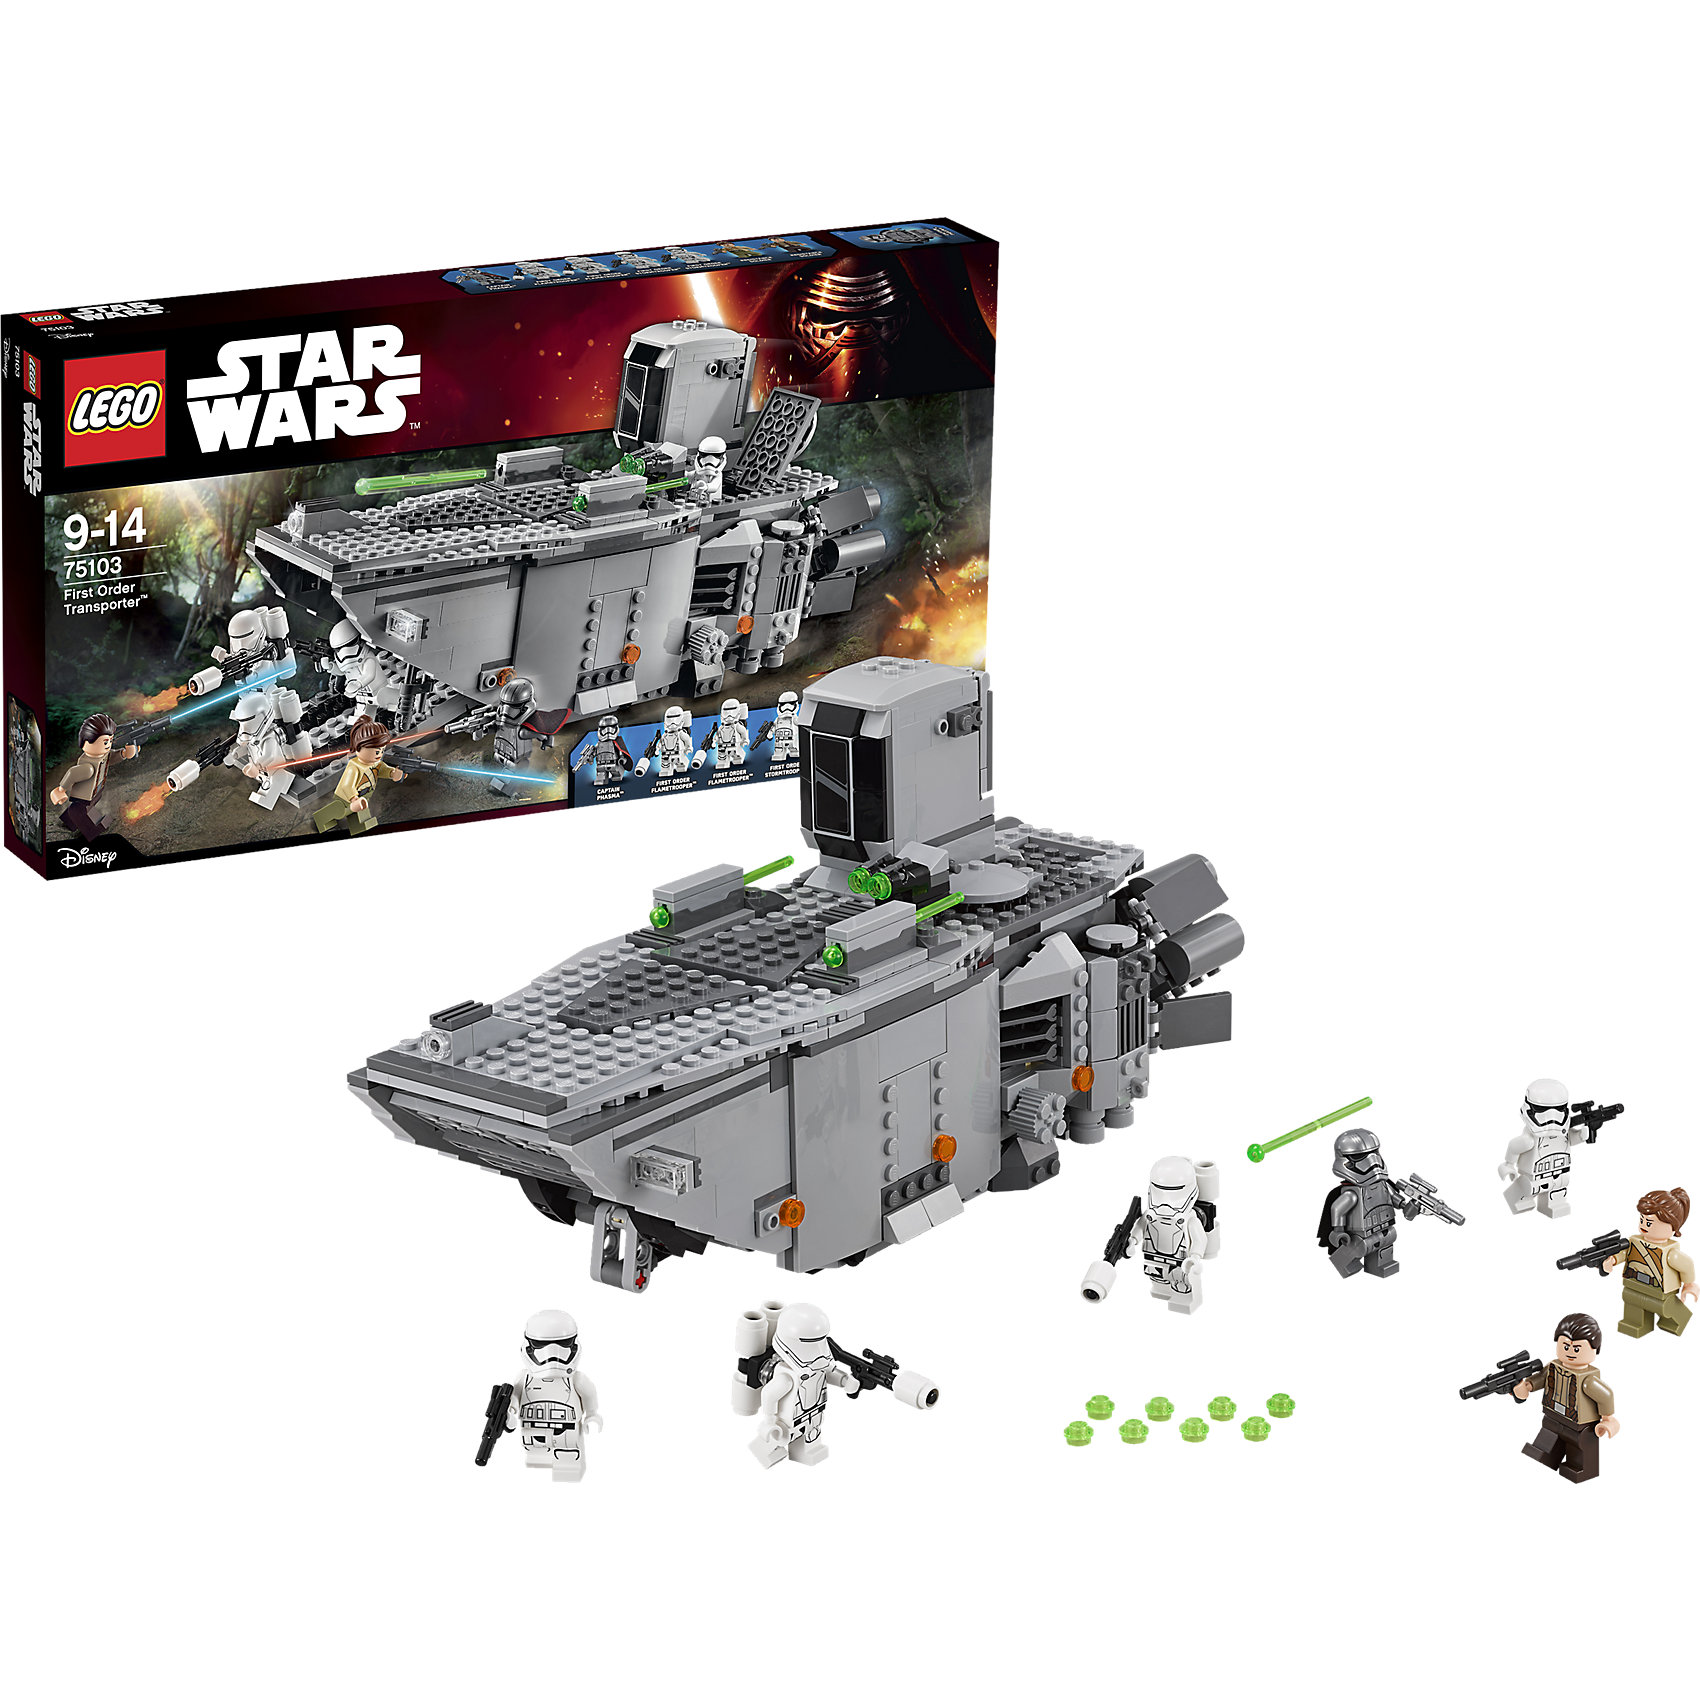 LEGO Star Wars 75103: Транспорт Первого ОрденаLEGO Star Wars (ЛЕГО Звездные Войны) 75103: Транспорт Первого Ордена – олицетворение страшной смертоносной силы войск Первого Порядка. Корабль оснащен тяжелыми орудиями и отличается множеством крутых деталей: сдвоенными пружинными пушками, двойной стреляющей пушкой, люком, в котором можно разместить минифигурку, кабиной пилотов с возможностью разместить 4 минифигурки в грузовом отсеке, большими двигателями в задней части и спрятанными прозрачными колесами, что создает ощущение парения над землей. Верхняя часть корабля снимается, чтобы можно было легко добраться до внутренних элементов. <br><br>Комплектация: 792 детали, 7 минифигурок: 2 солдата Сопротивления, 2 пехотинца Первого Порядка, 2 штурмовика Первого Порядка, Капитан Фазма<br><br>Дополнительная информация:<br>-Серия: Звездные войны<br>-Размер в упаковке: 5,9х54х28,2 см<br>-Вес в упаковке: 1,2 кг<br>-Количество деталей: 792 шт.<br>-Материалы: пластик<br><br>Разыгрывай эпические битвы с участием транспортного корабля Первого Ордена и сокруши армию вражеских захватчиков!<br><br>LEGO Star Wars (ЛЕГО Звездные Войны) 75103: Транспорт Первого Ордена можно купить в нашем магазине.<br><br>Ширина мм: 541<br>Глубина мм: 278<br>Высота мм: 67<br>Вес г: 1152<br>Возраст от месяцев: 84<br>Возраст до месяцев: 144<br>Пол: Мужской<br>Возраст: Детский<br>SKU: 4047426